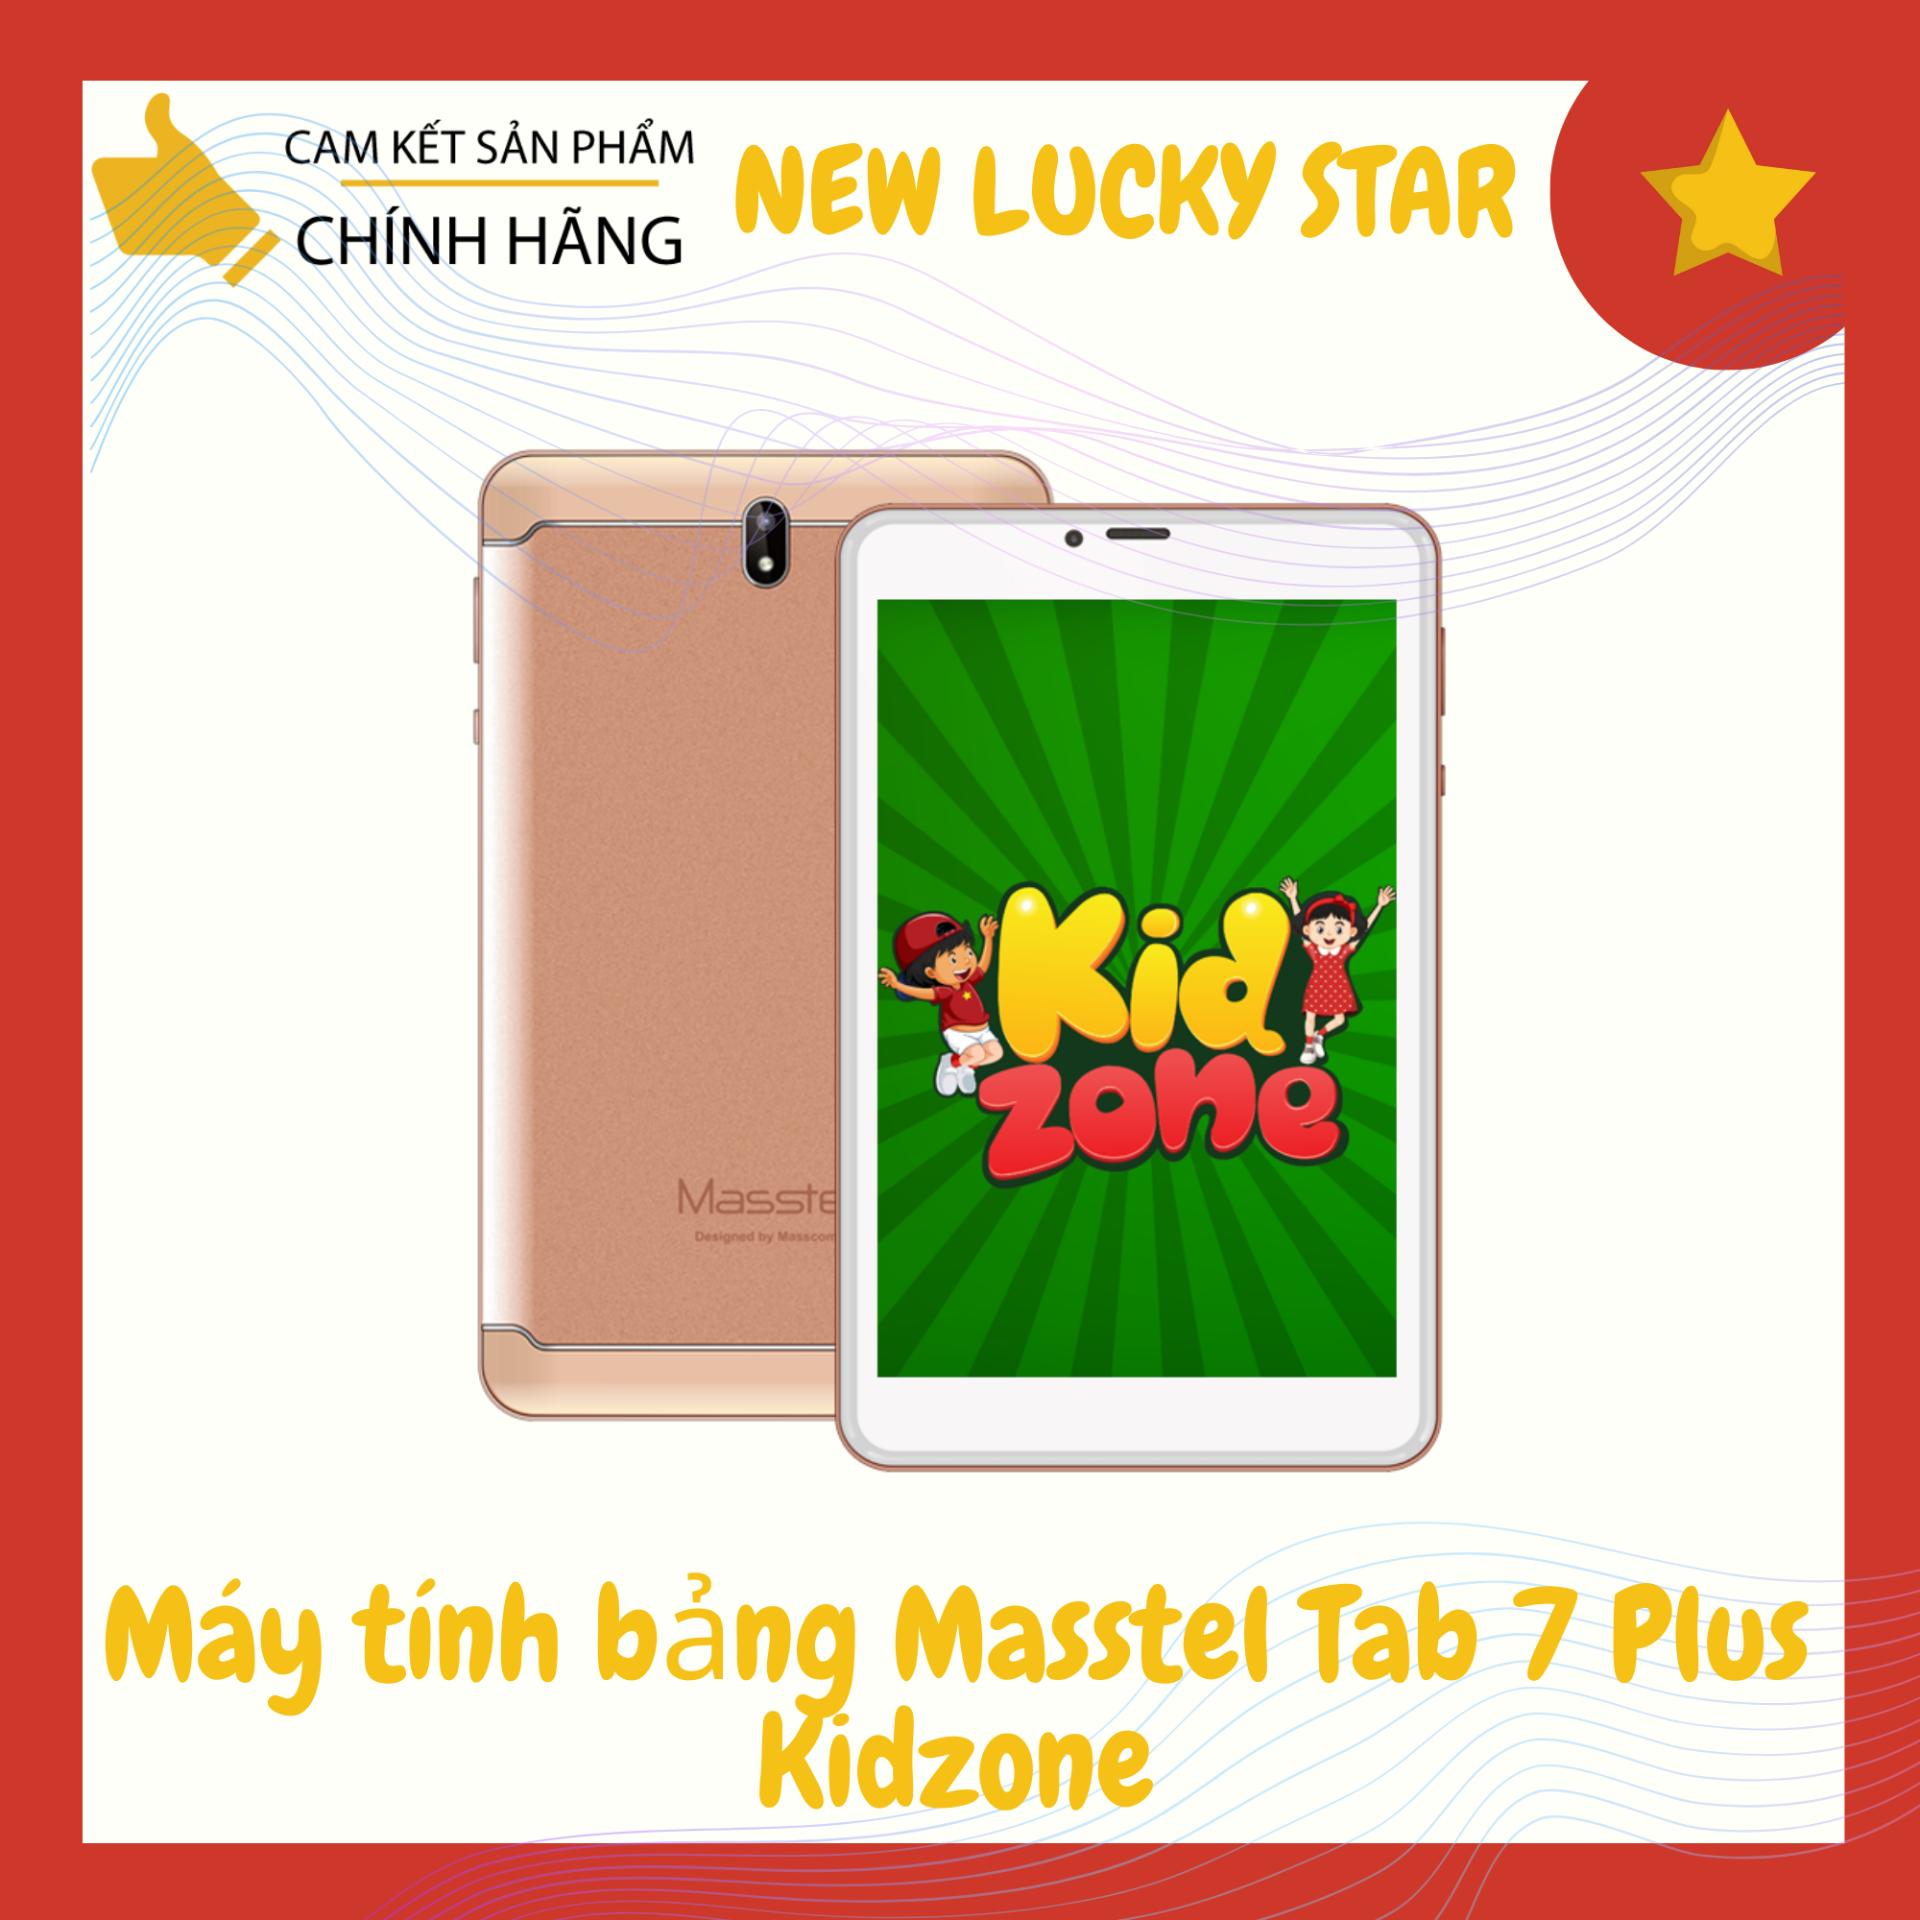 Máy tính bảng Masstel Tab 7 Plus Kidzone (1GB/8GB) – Hàng chính hãng – Màn hình 7″ IPS, 2 sim 2 sóng, Radio FM, camera 5MP, pin 4.000mAh – Bảo hành 12 tháng